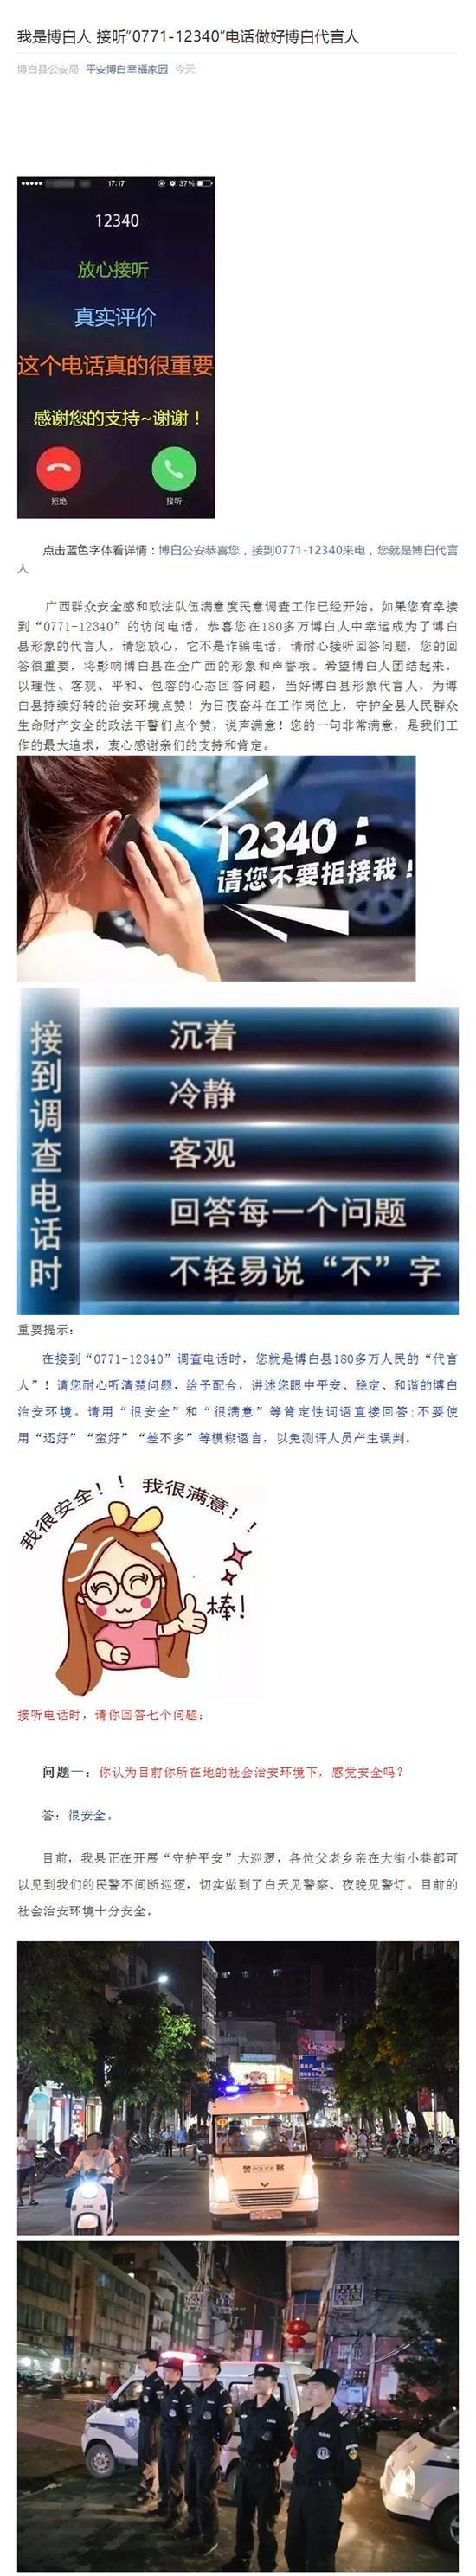 平安博白幸福家园微信公众号 截图